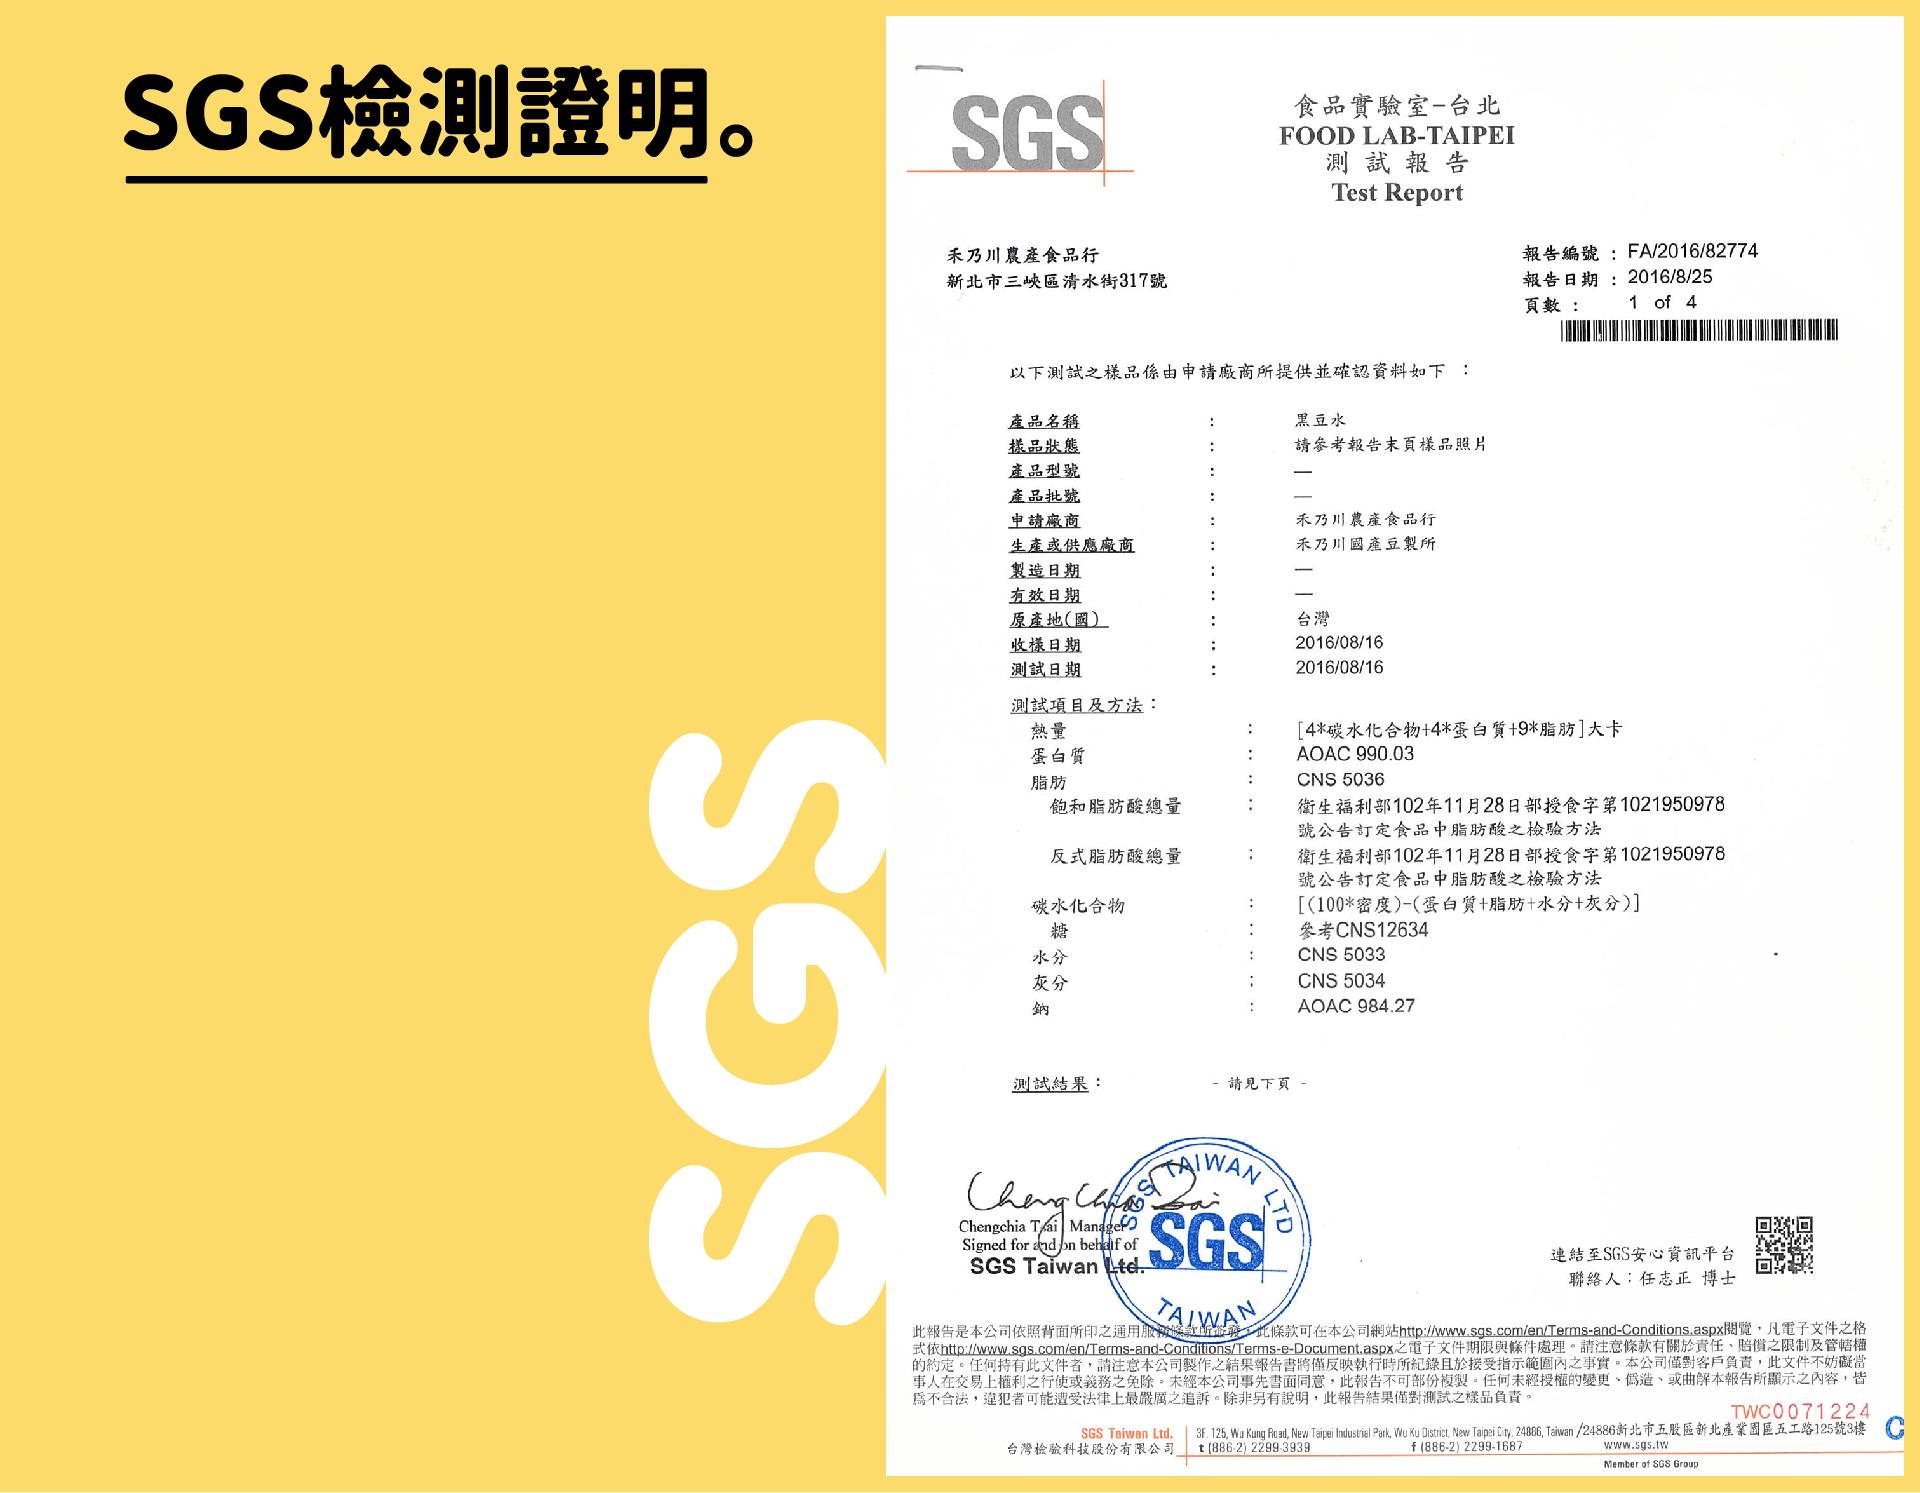 禾乃川SGS檢驗證明 - 青仁黑豆飲 - 天然健康茶飲